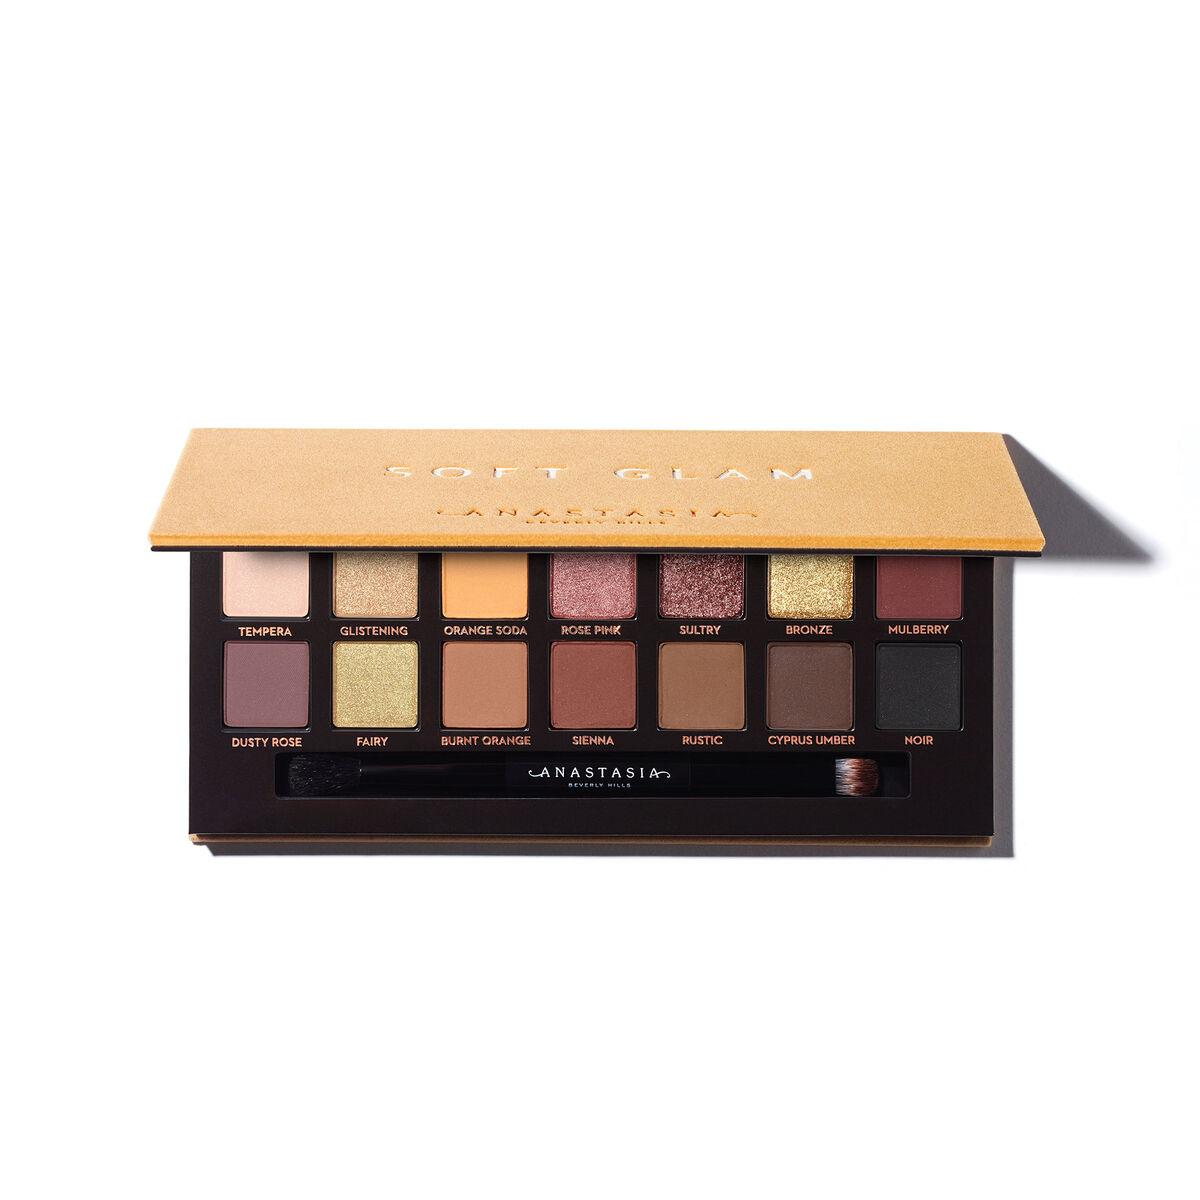 Soft Glam Eye Shadow Palette ...